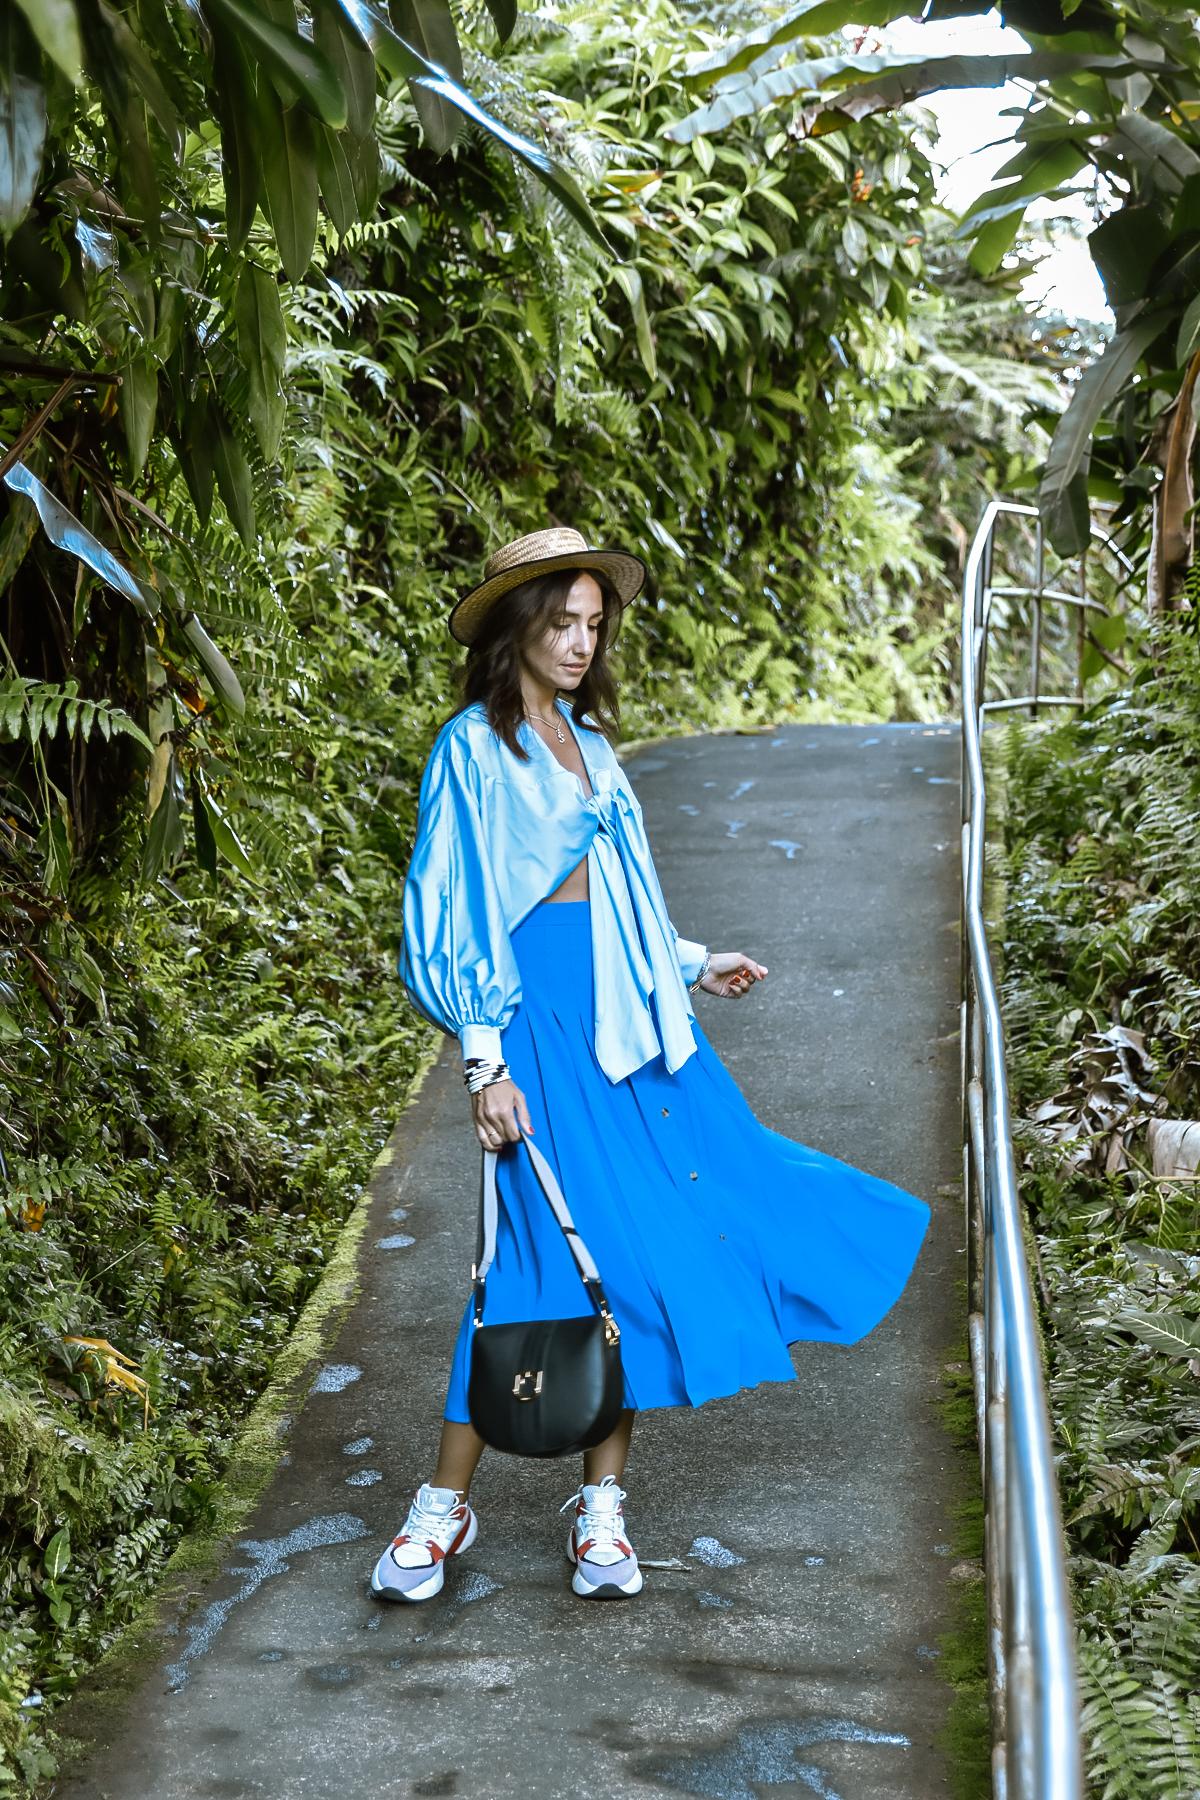 el-blog-de-silvia-blusa-azul-viaje-hawaii-06